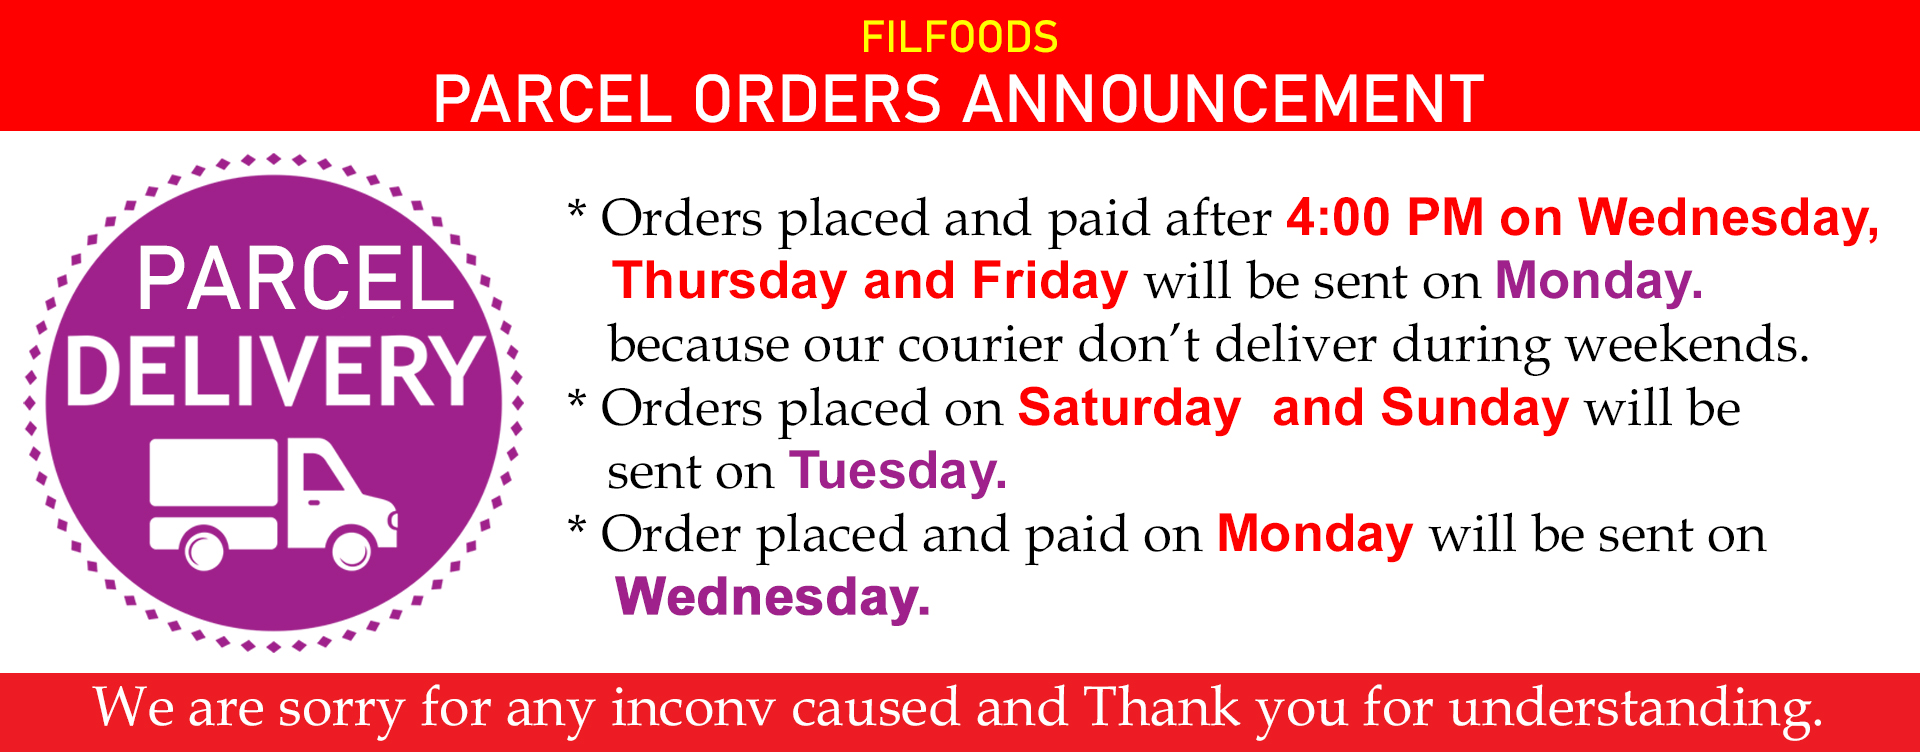 parcel announcement_1